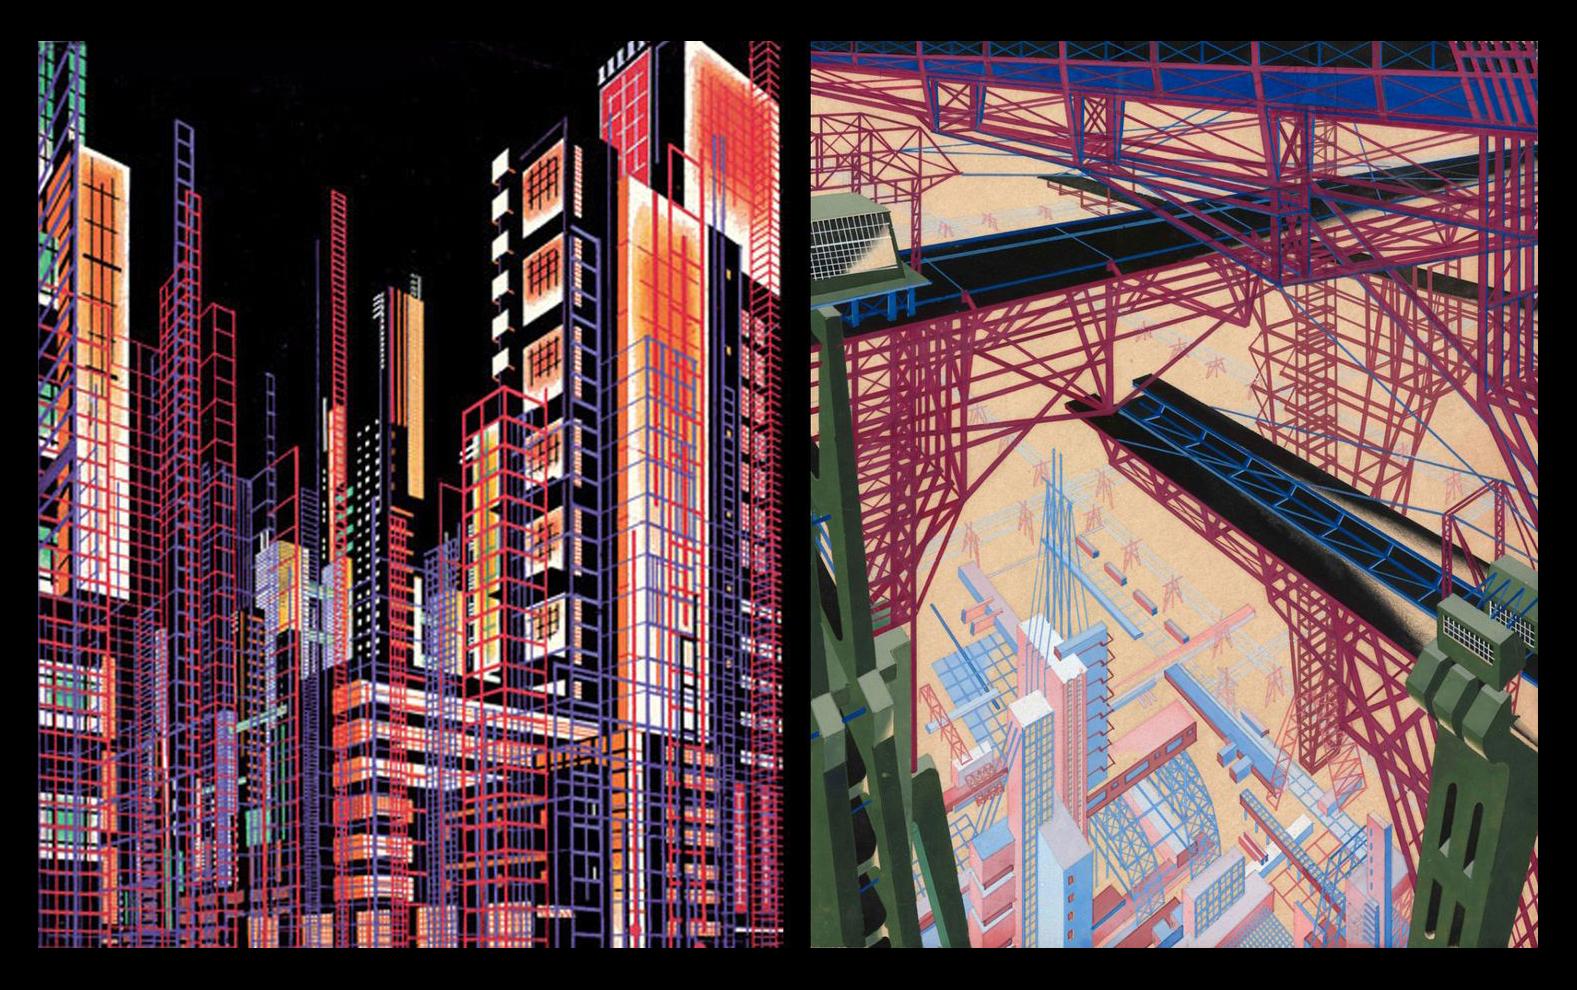 Я. Чернихов. Архитектурные фантазии. 1929—1933 гг.